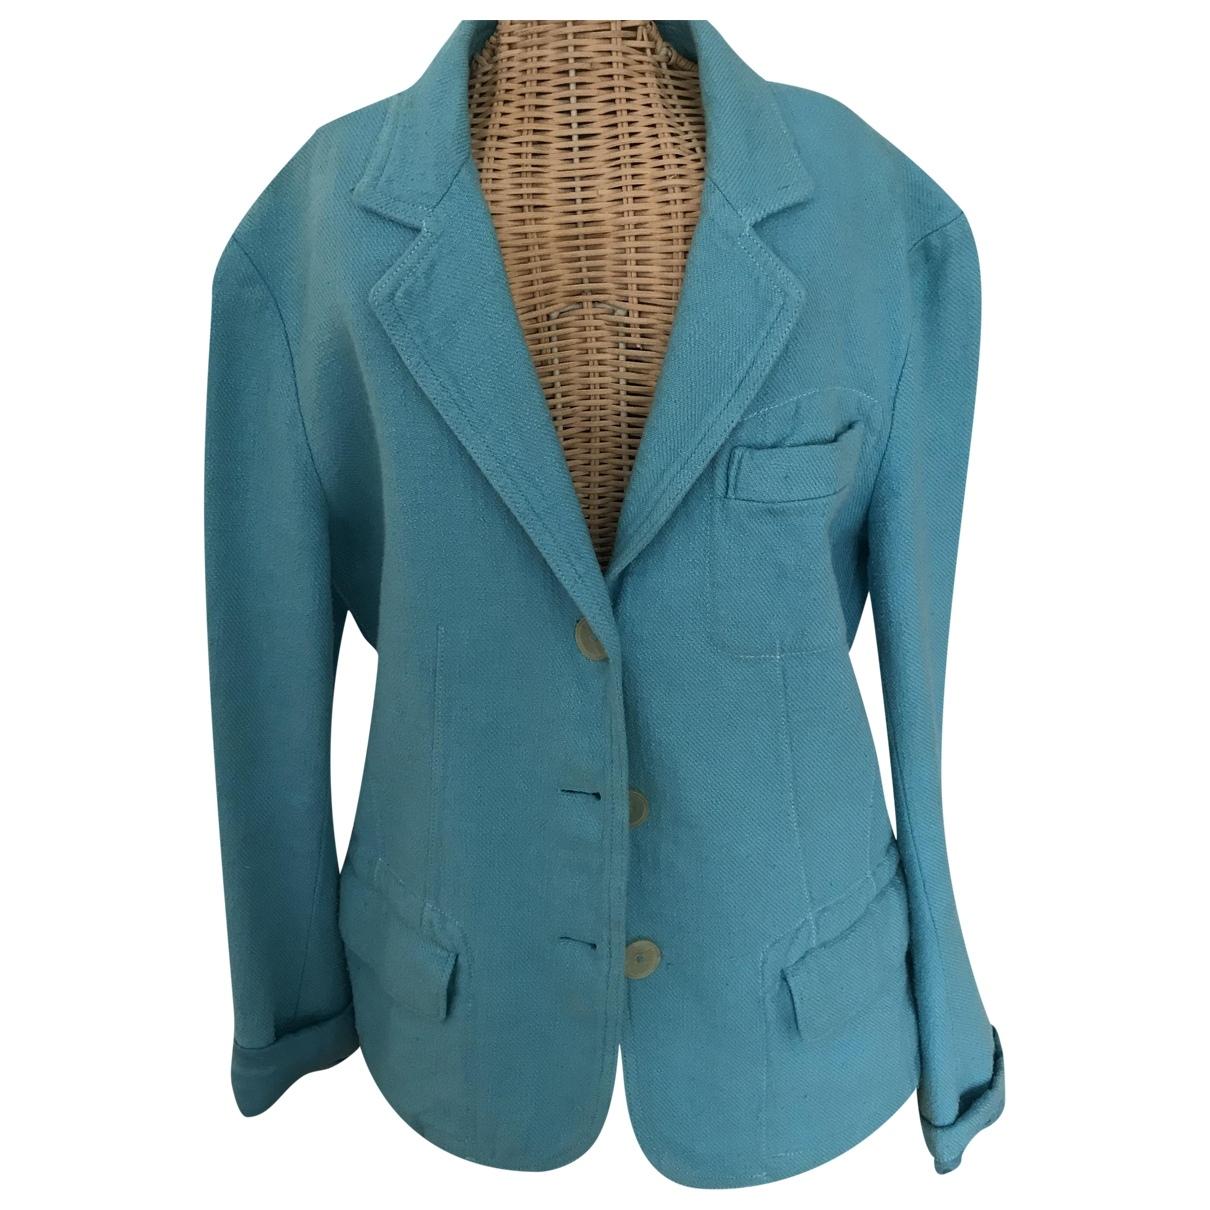 Jil Sander \N Blue Linen jacket for Women 36 IT